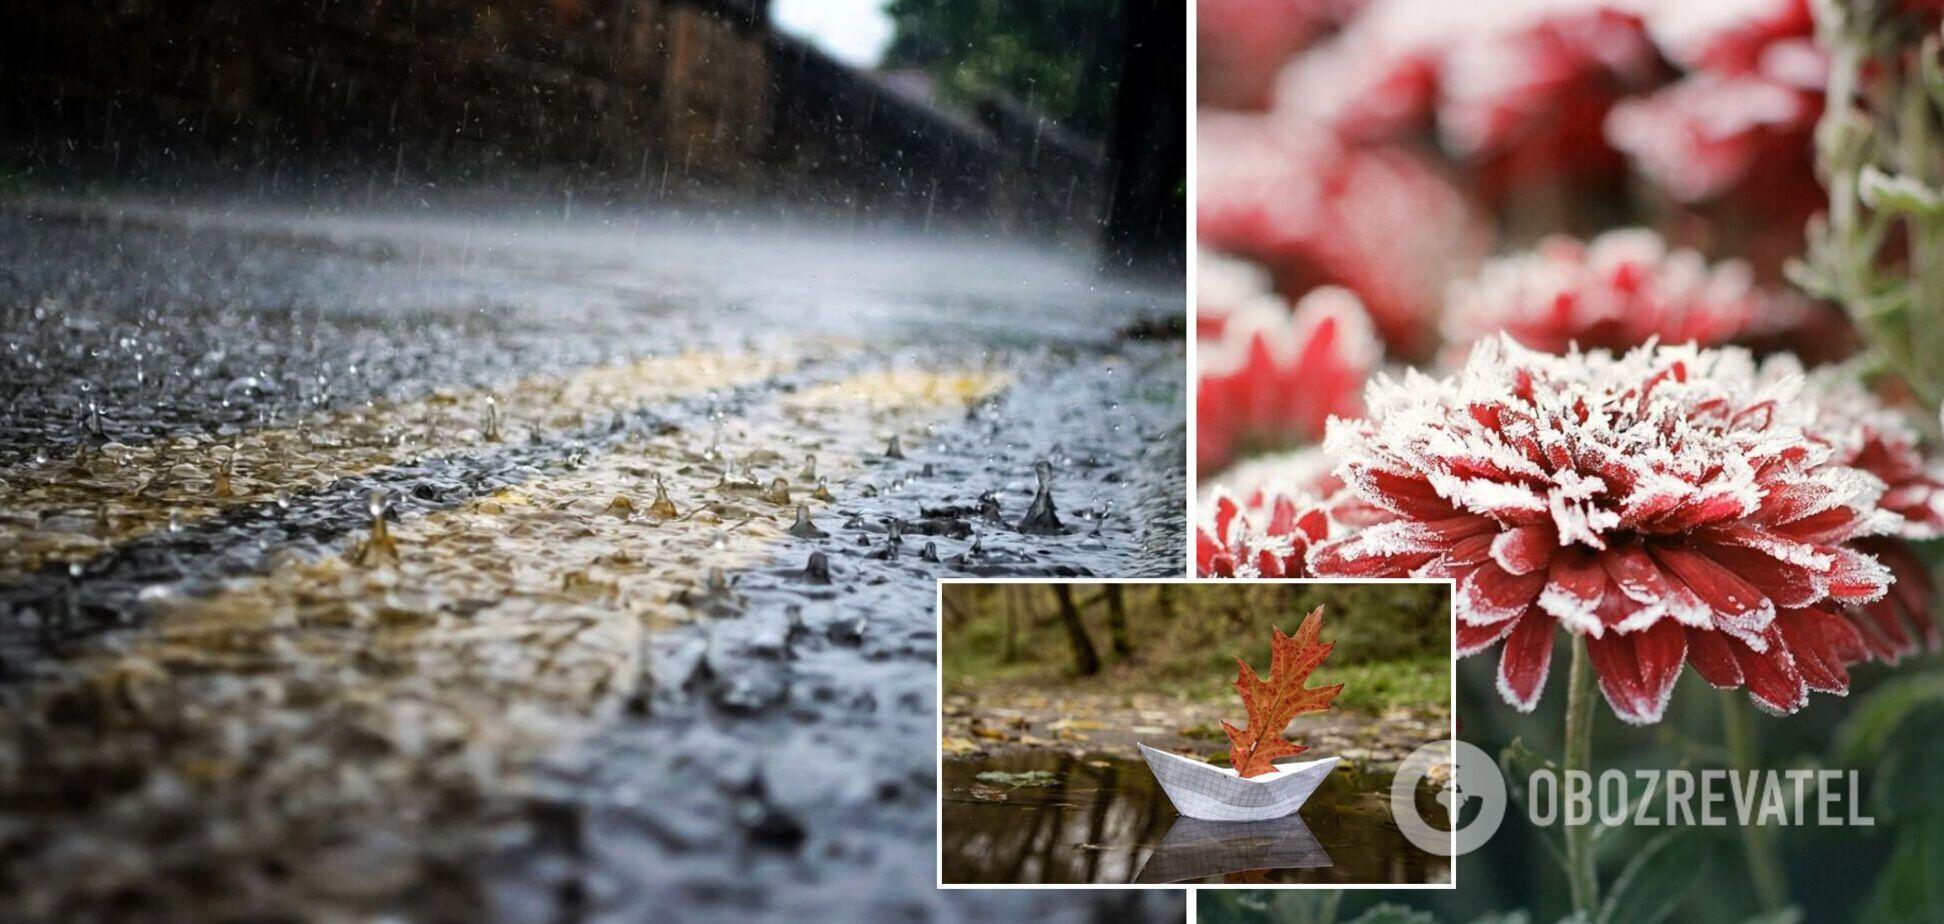 В Україні похолодає, частину країни накриють дощі: синоптики дали прогноз на початок тижня